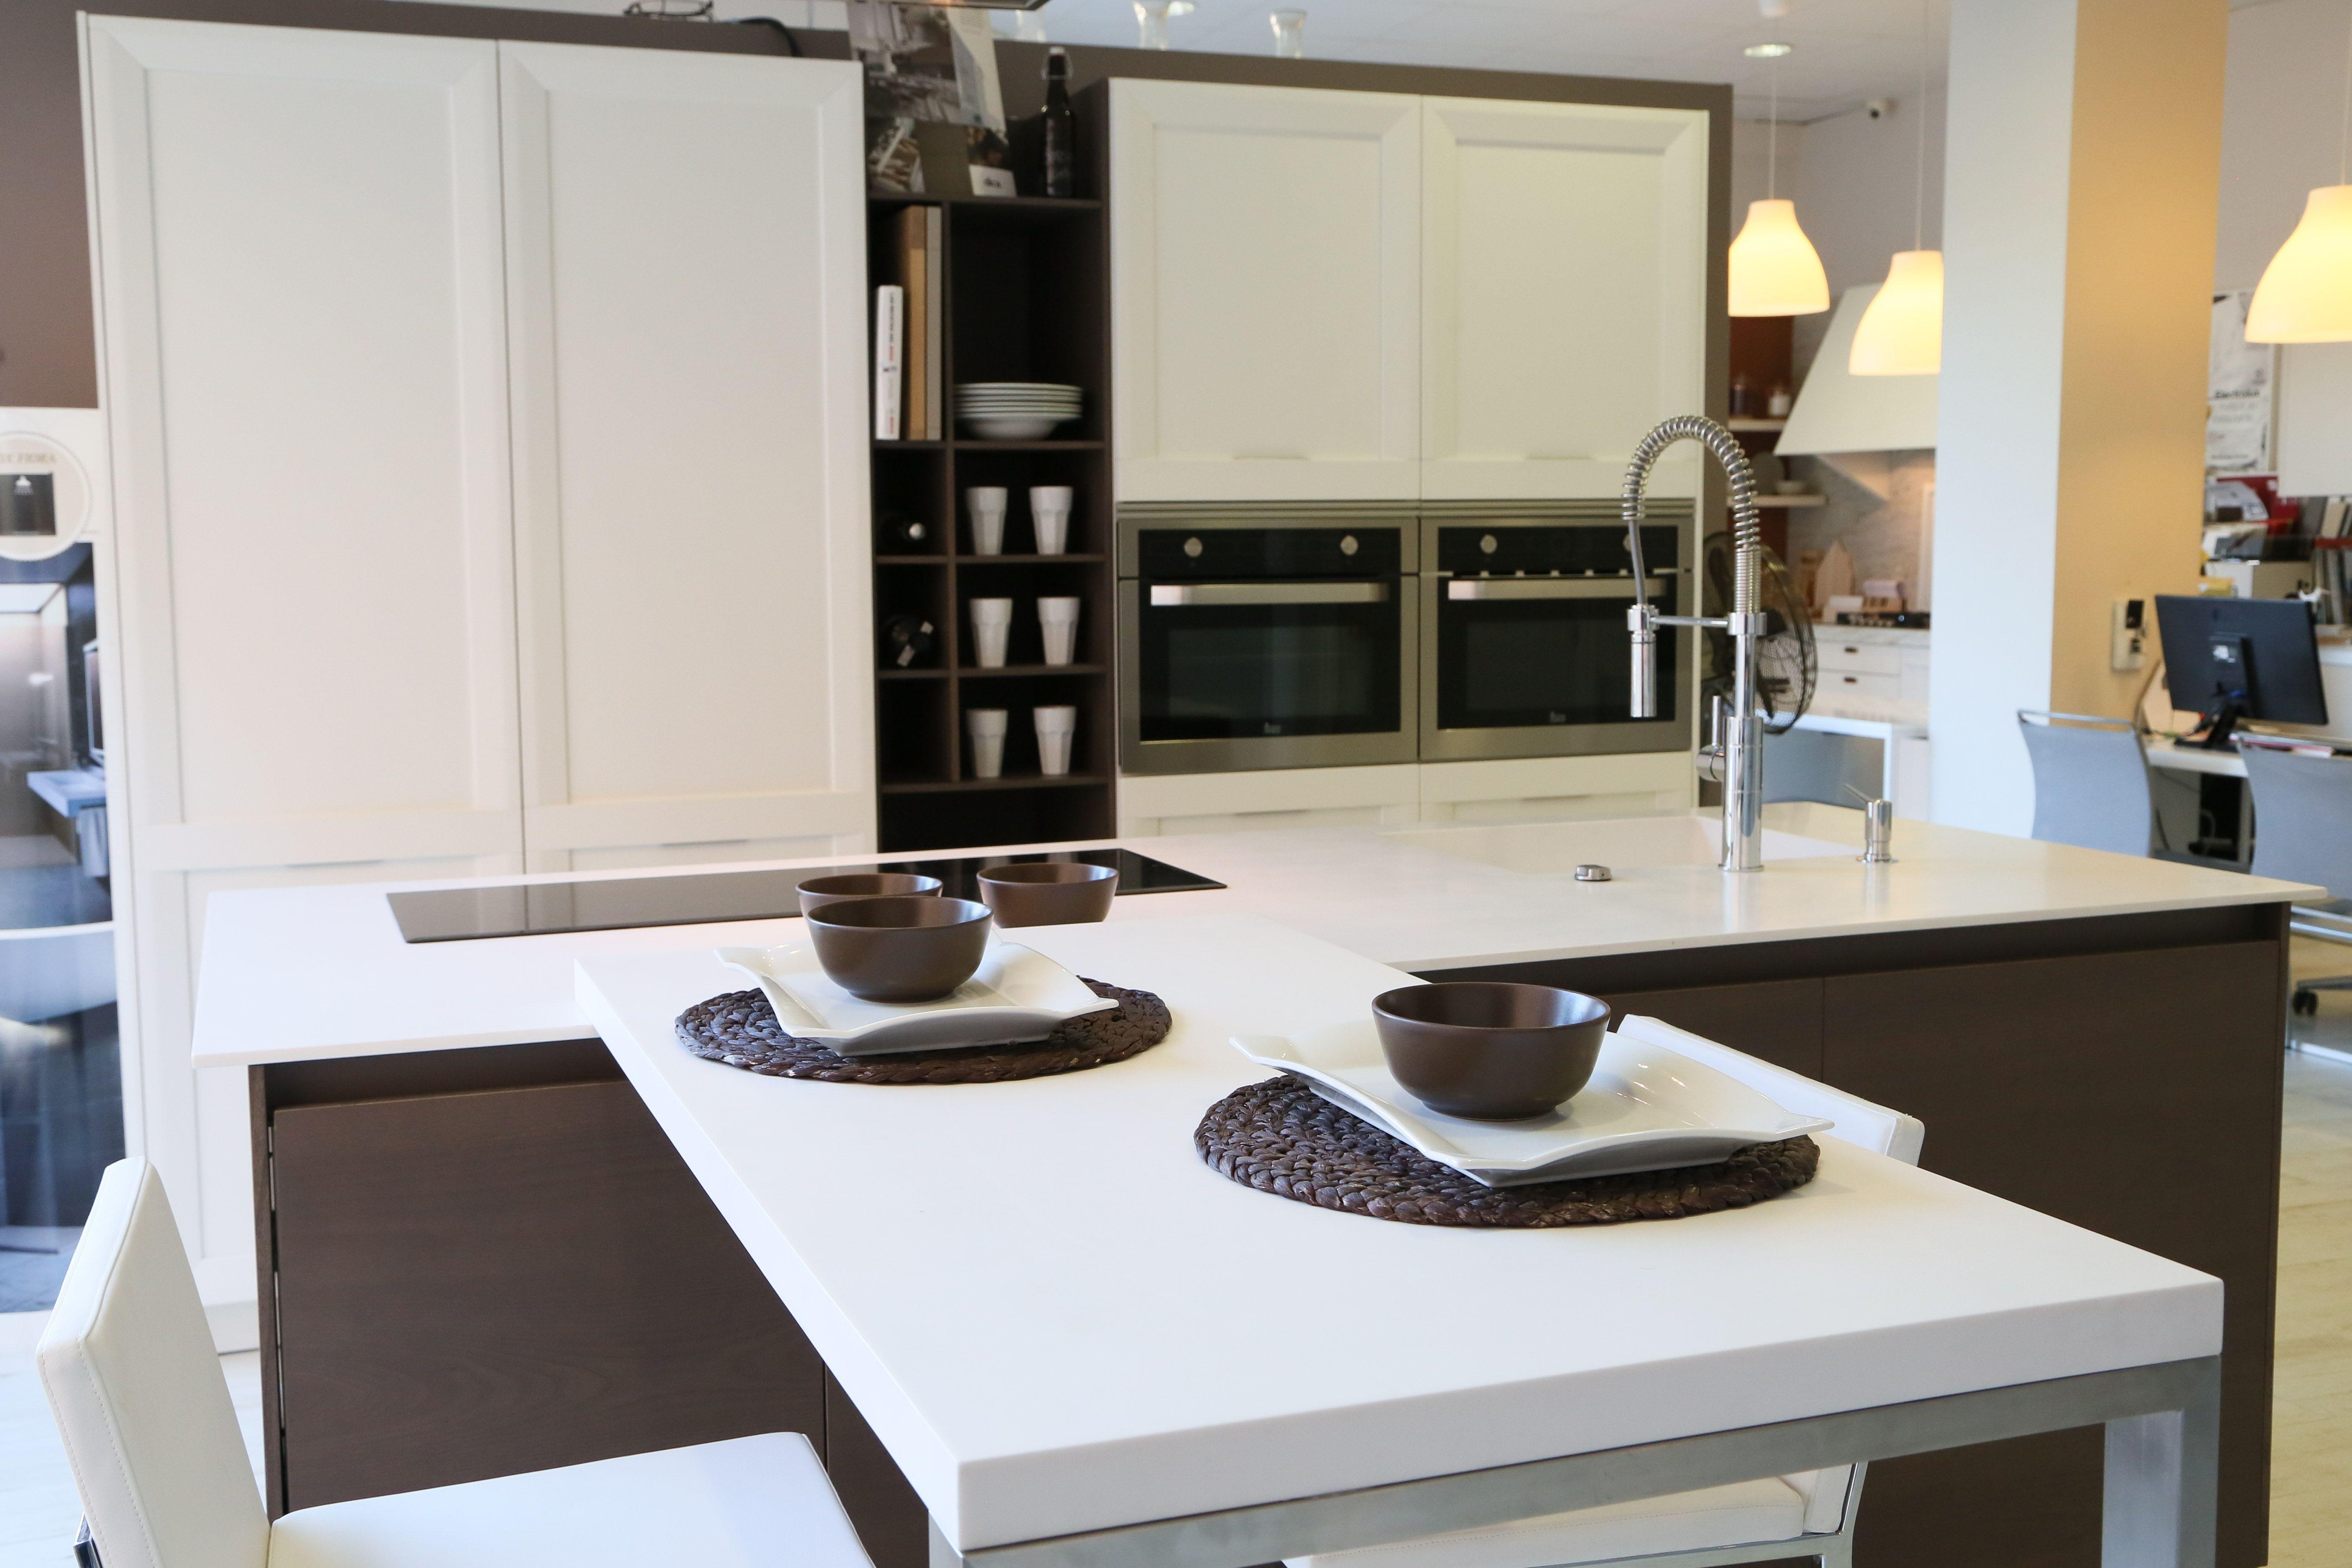 Foto 4 de Muebles de baño y cocina en Getafe | Estudio de cocinas y baños Jana